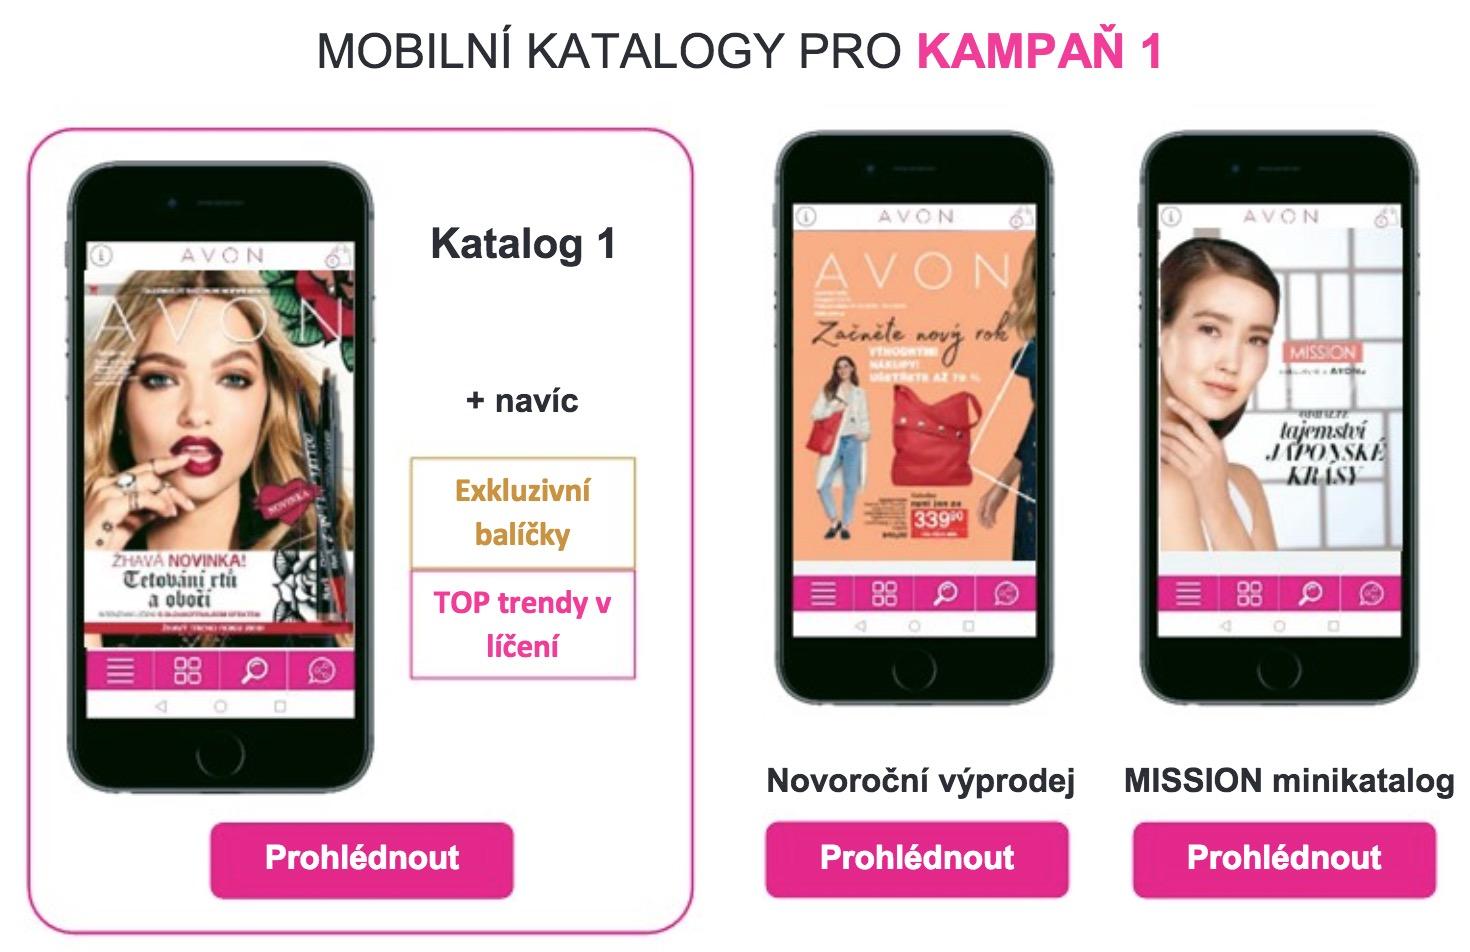 Mobilní katalog K1/2019